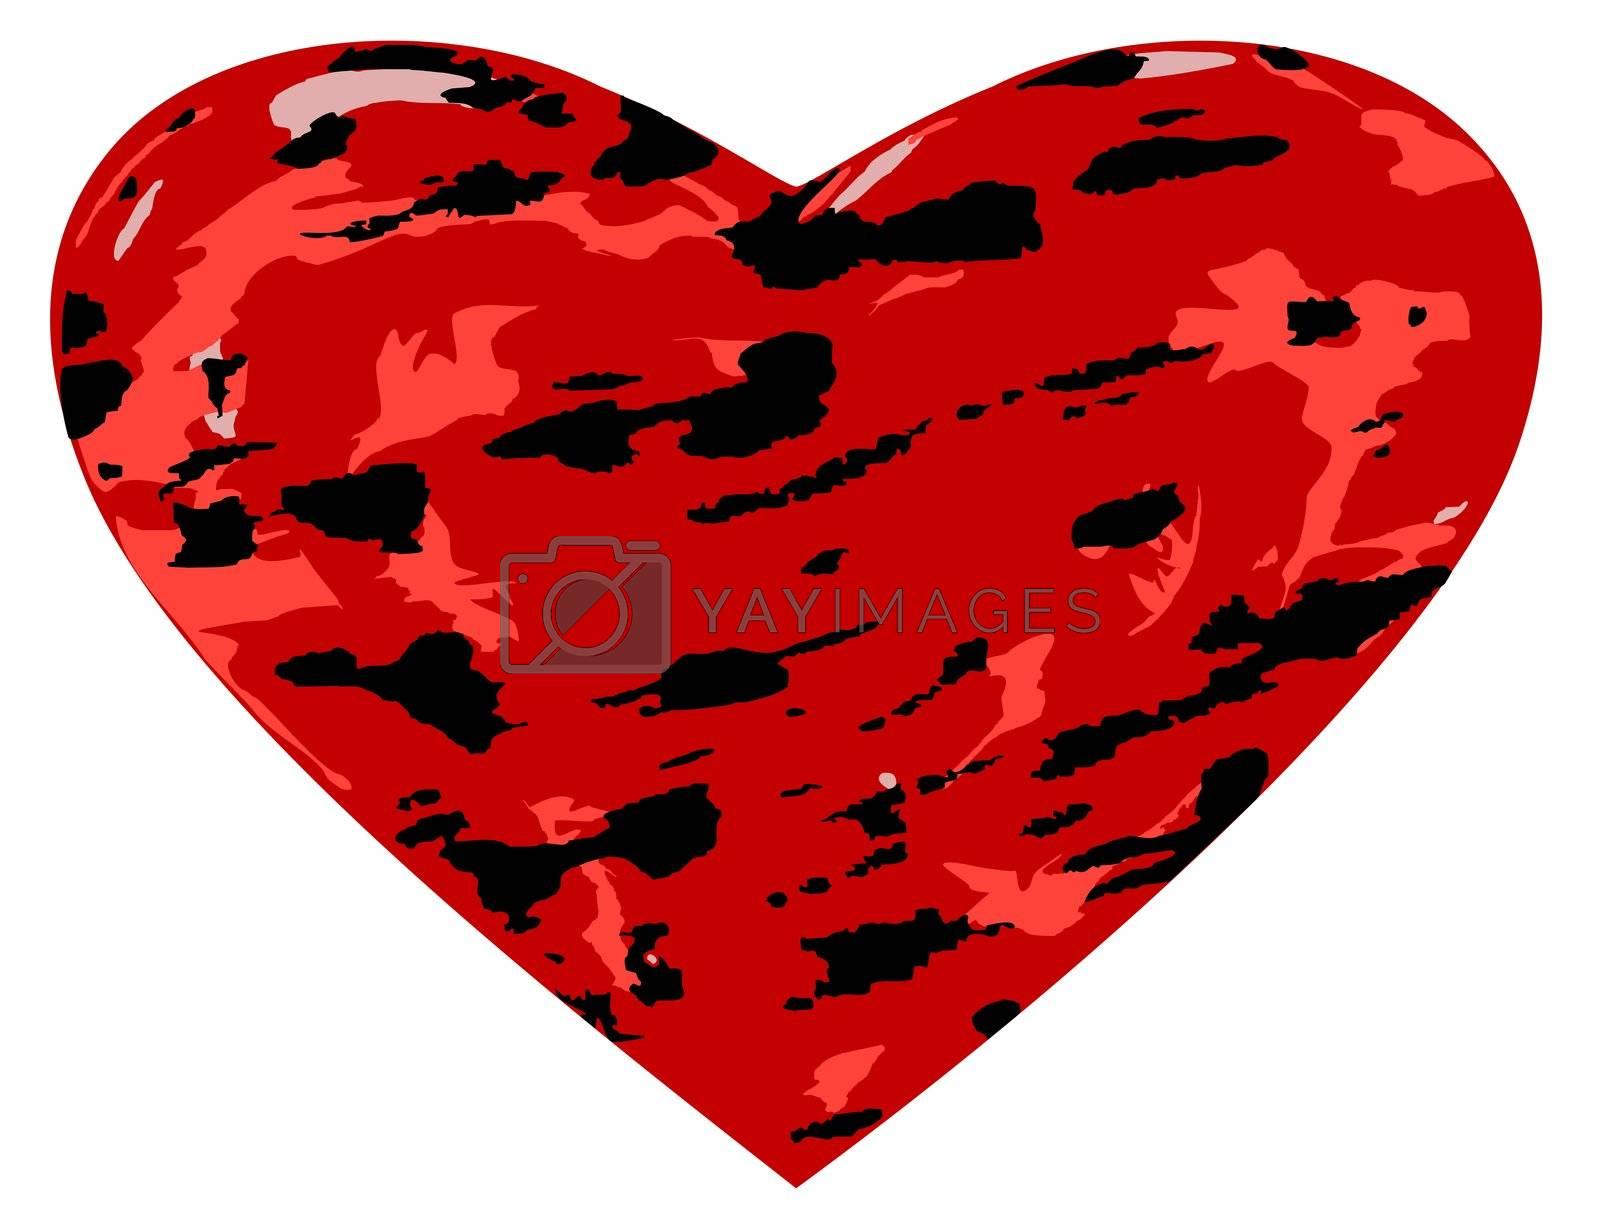 Grunge Heart by brigg